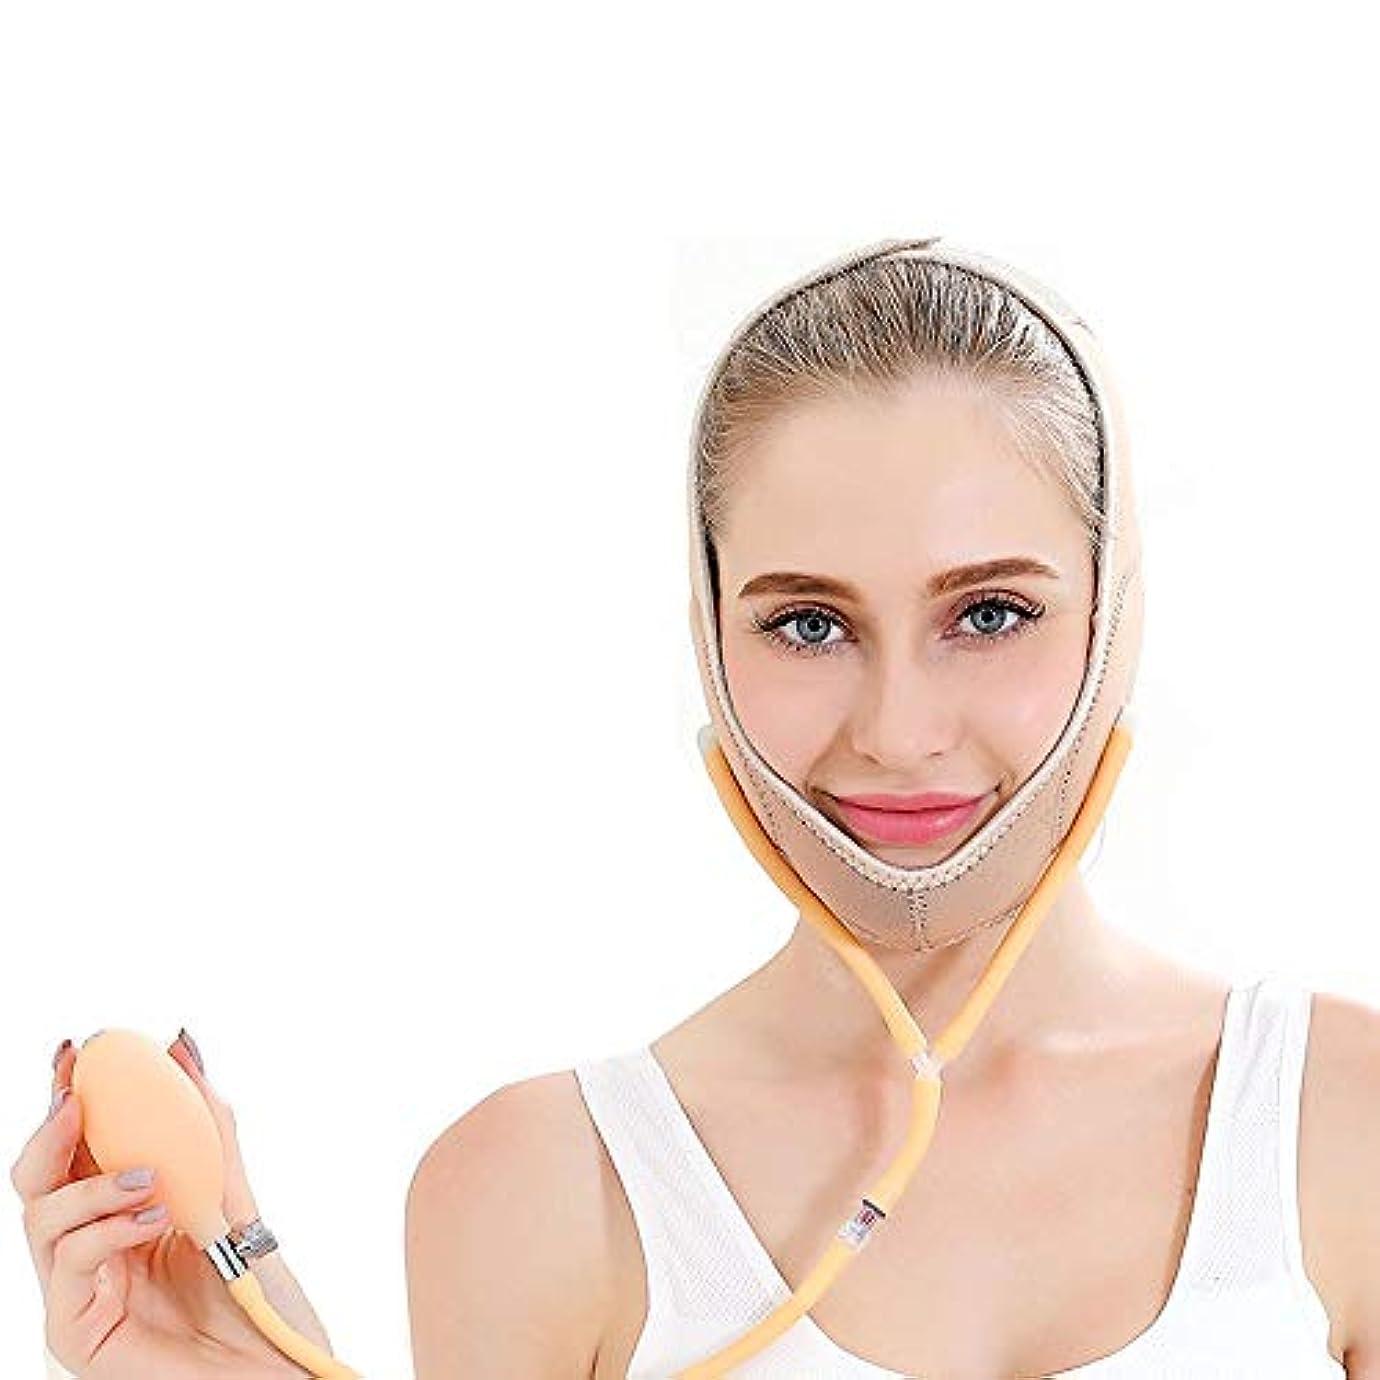 問い合わせるマーケティング出発するGYZ フェイスリフティングフェイスマスクスモールVフェイスプレッシャープルアップシェーピングバイトマッスルファーミングパターンダブルチン包帯シンフェイスアーティファクト - ピンク、肌の色、黒 Thin Face Belt...